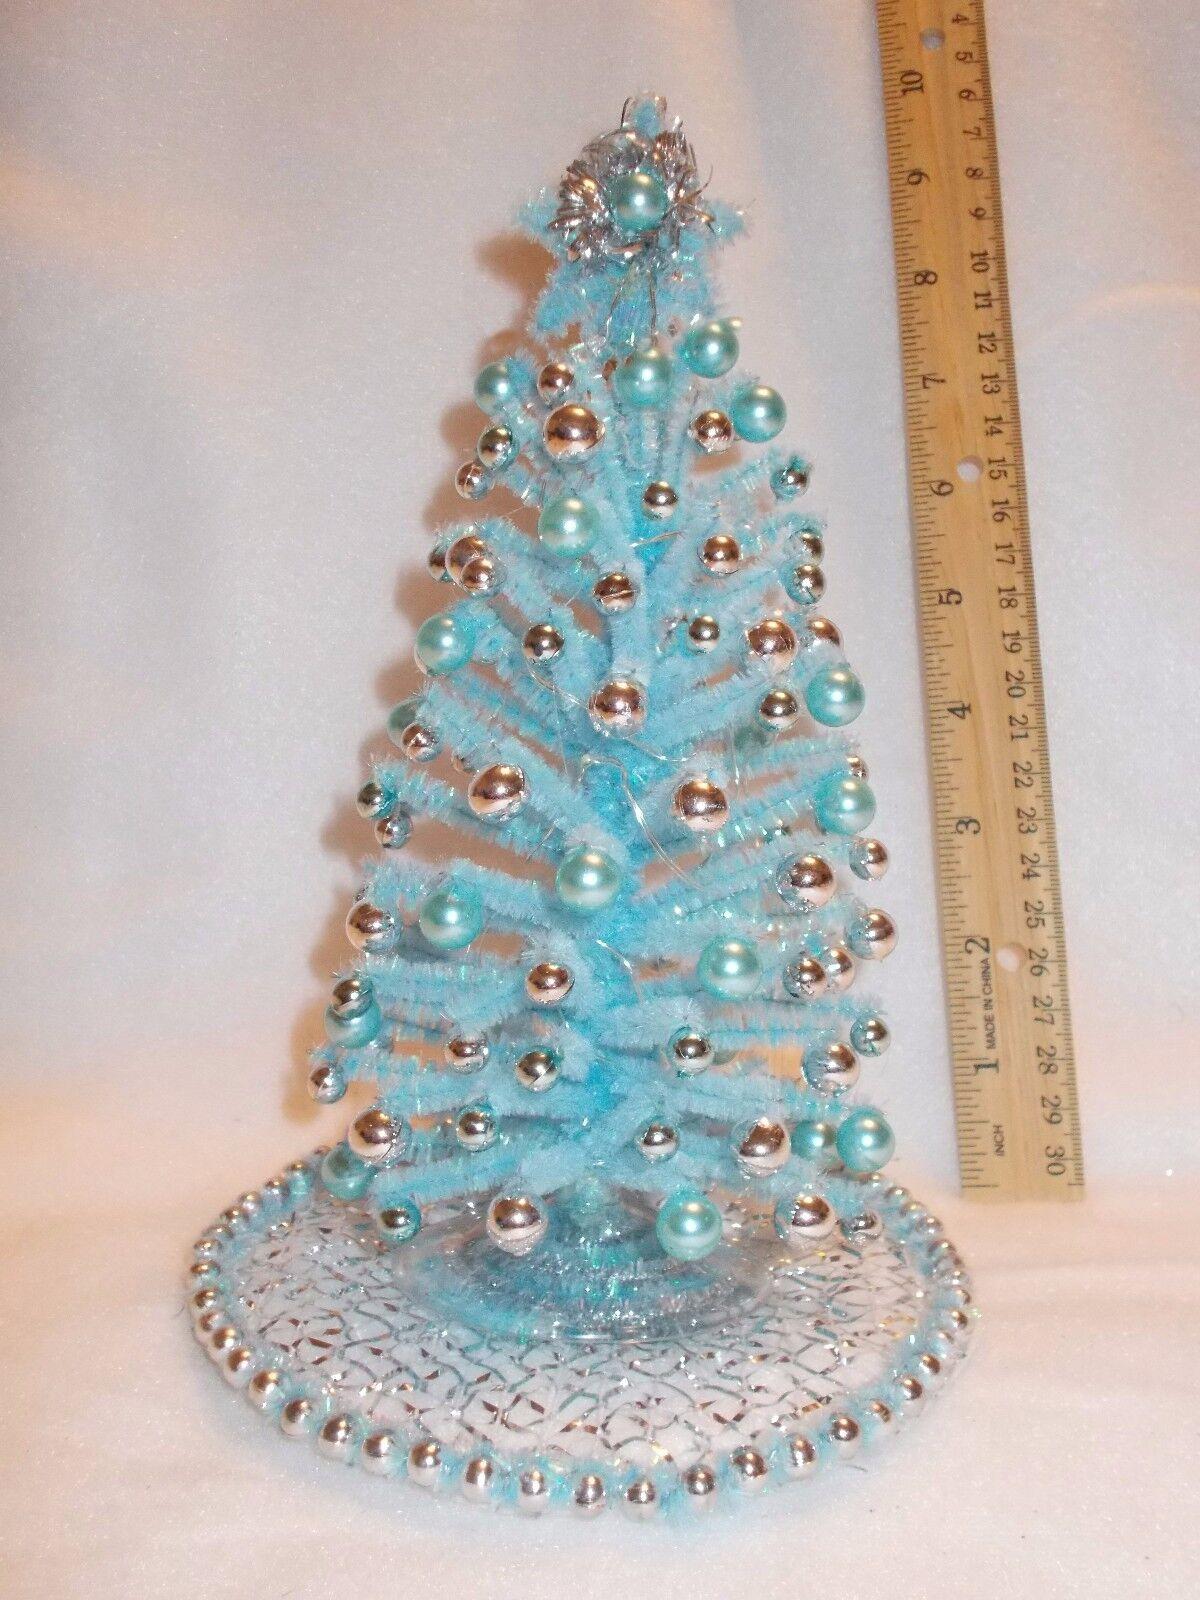 ventas en linea 8-1 8-1 8-1 2  iluminado Pastel Azul casa de muñecas en miniatura de árbol de Navidad moderno diseño OOAK  opciones a bajo precio